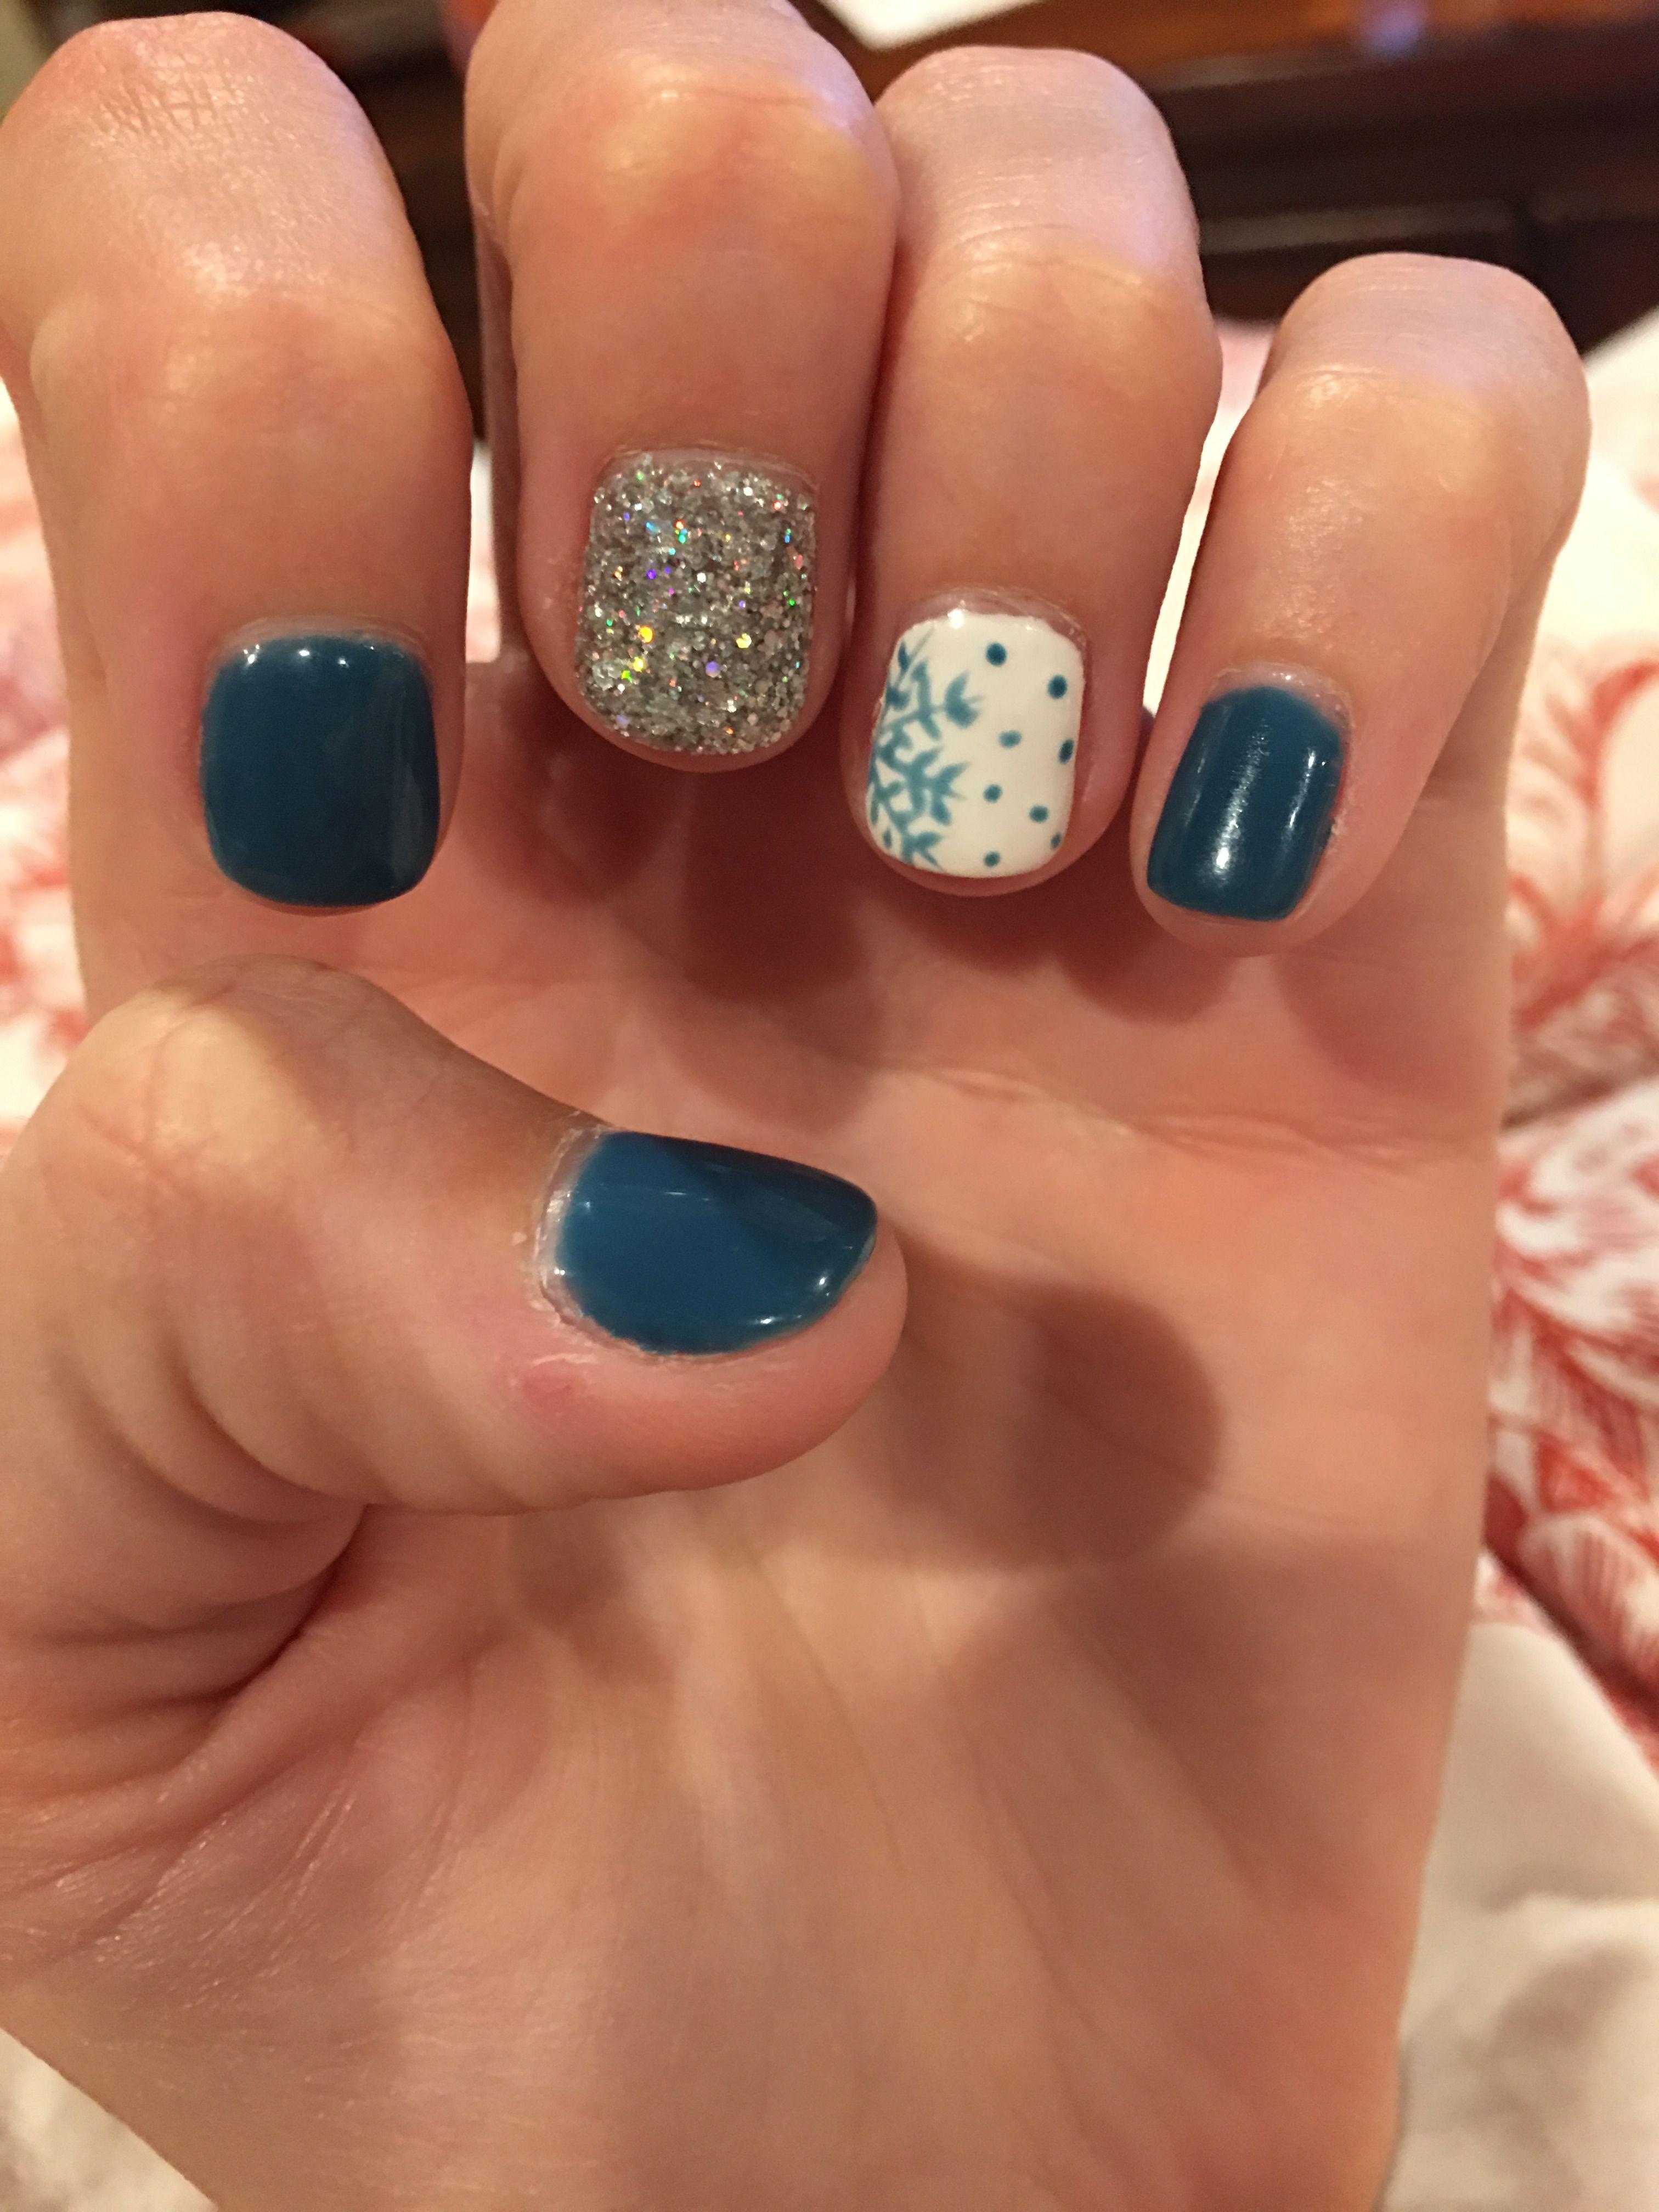 Christmas nails// New Years nails 2017/2018 #1weekold | Nails ...